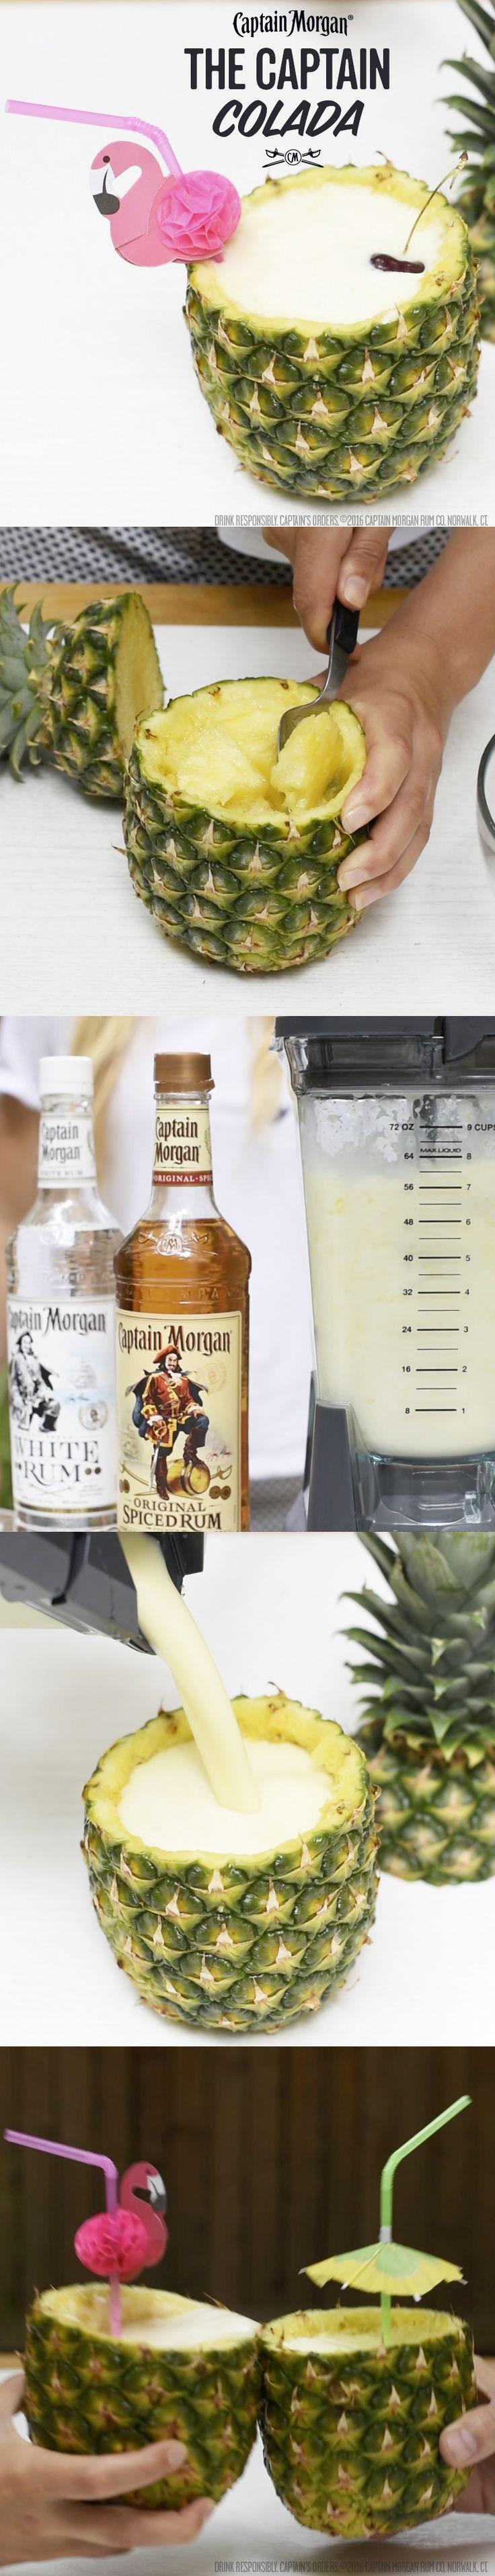 The Captain Colada, goes well with putting on the best BBQ ever. Recipe: 1 oz Captain Morgan Original Spiced Rum 0.5 oz Captain Morgan White Rum 1 oz Pineapple juice 0.5 oz cream of coconut Cherry garnish Get more rum recipes at https://us.captainmorgan.com/rum-cocktails/?utm_source=pinterest&utm_medium=social&utm_term=bbq&utm_content=captain_colada&utm_campaign=recipe